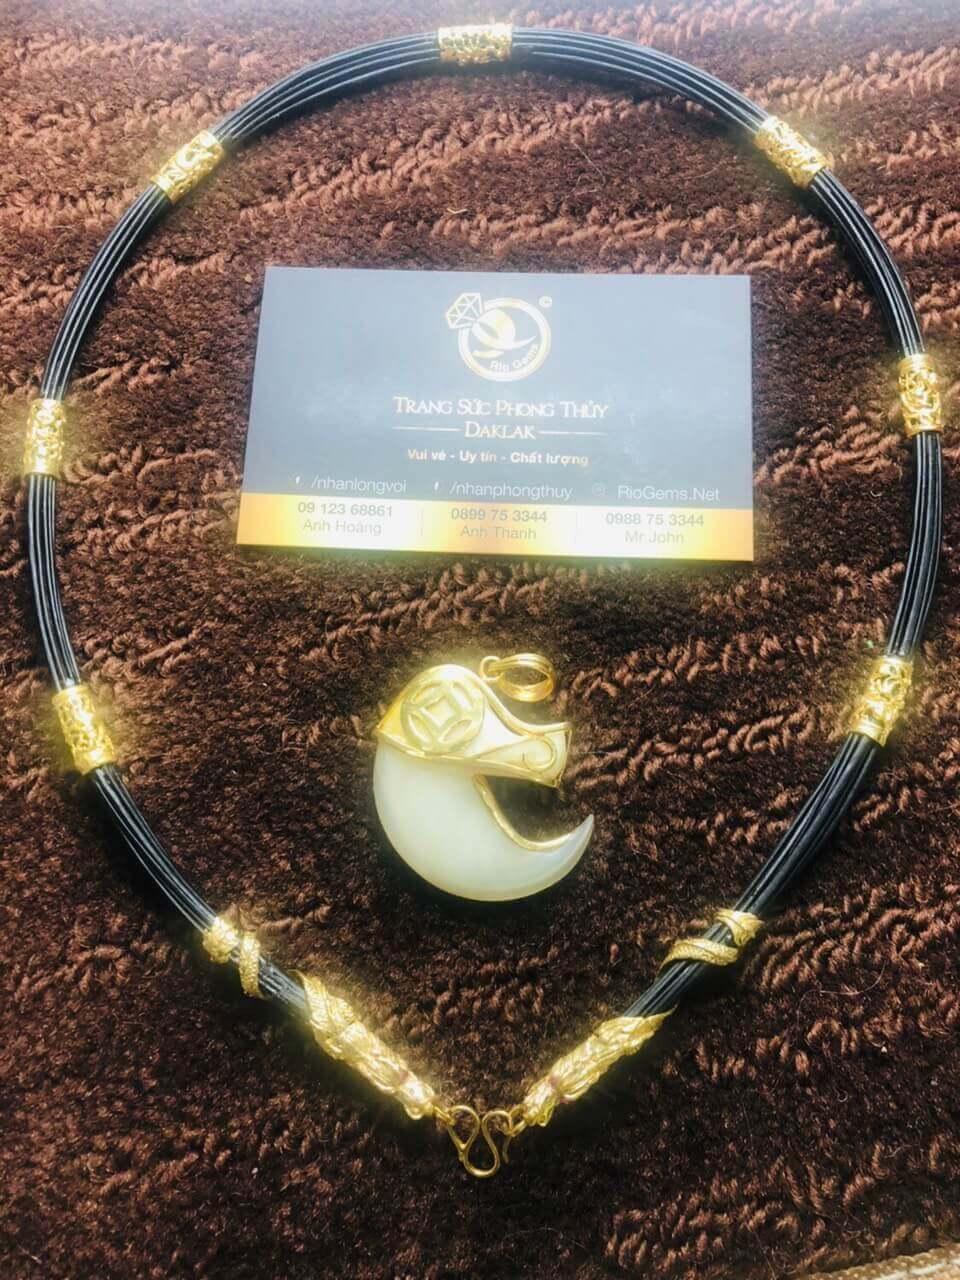 Bộ vòng cổ lông bọc 7 đốt Rồng đúc + 2 đầu Rồng cuộn vàng 18K giá trị cao